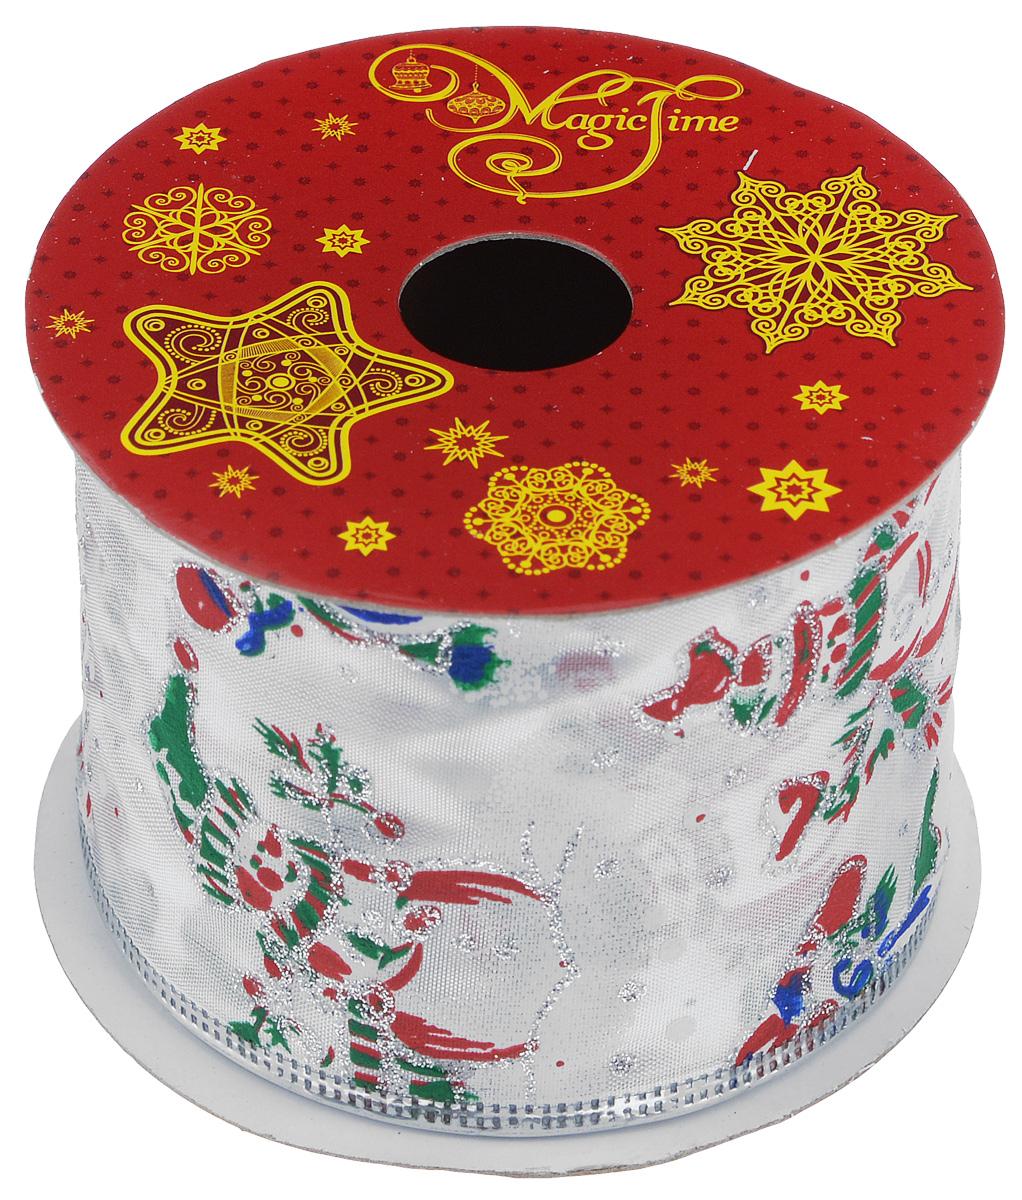 Декоративная лента Magic Time, цвет: красный, белый, длина 2,7 м. 3890338903Декоративная лента Magic Time выполнена из полиэстера и декорирована изображением снеговиков. В края ленты вставлена проволока, благодаря чему ее легко фиксировать. Лента предназначена для оформления подарочных коробок, пакетов. Кроме того, декоративная лента с успехом применяется для художественного оформления витрин, праздничного оформления помещений, изготовления искусственных цветов. Декоративная лента украсит интерьер вашего дома к праздникам.Ширина ленты: 6,3 см.